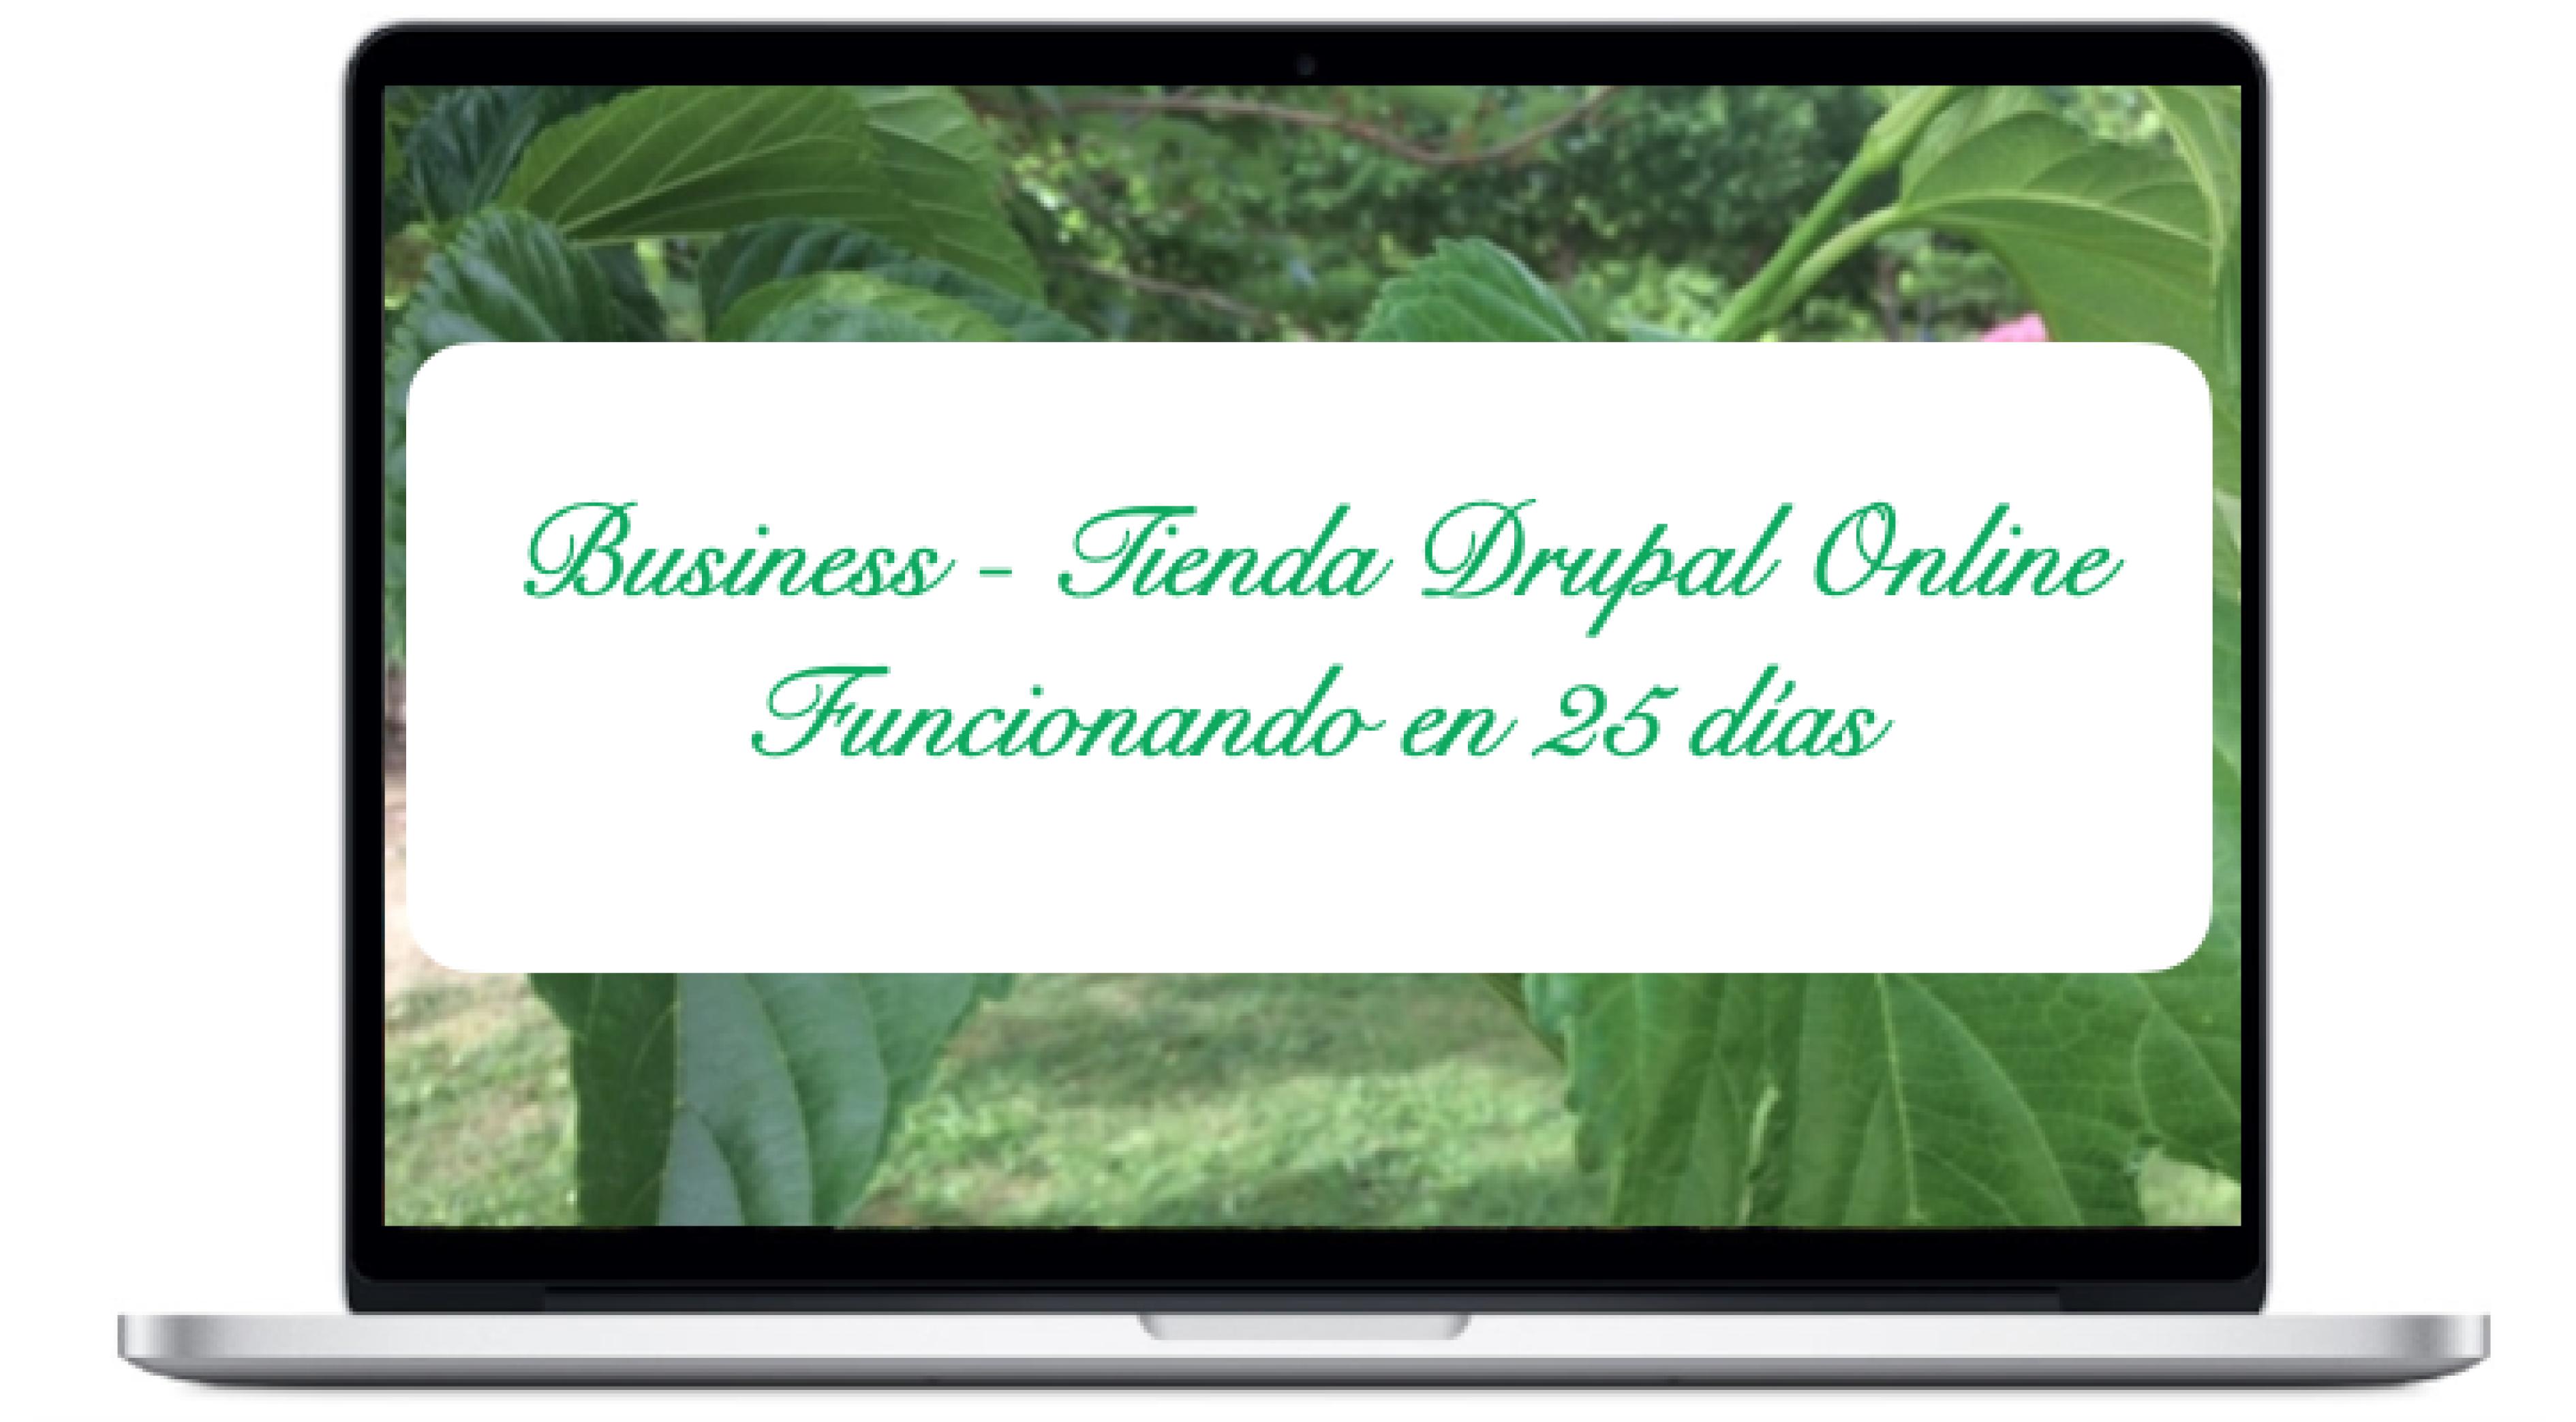 business-tienda-drupal-online-funcionando-en-25-dias